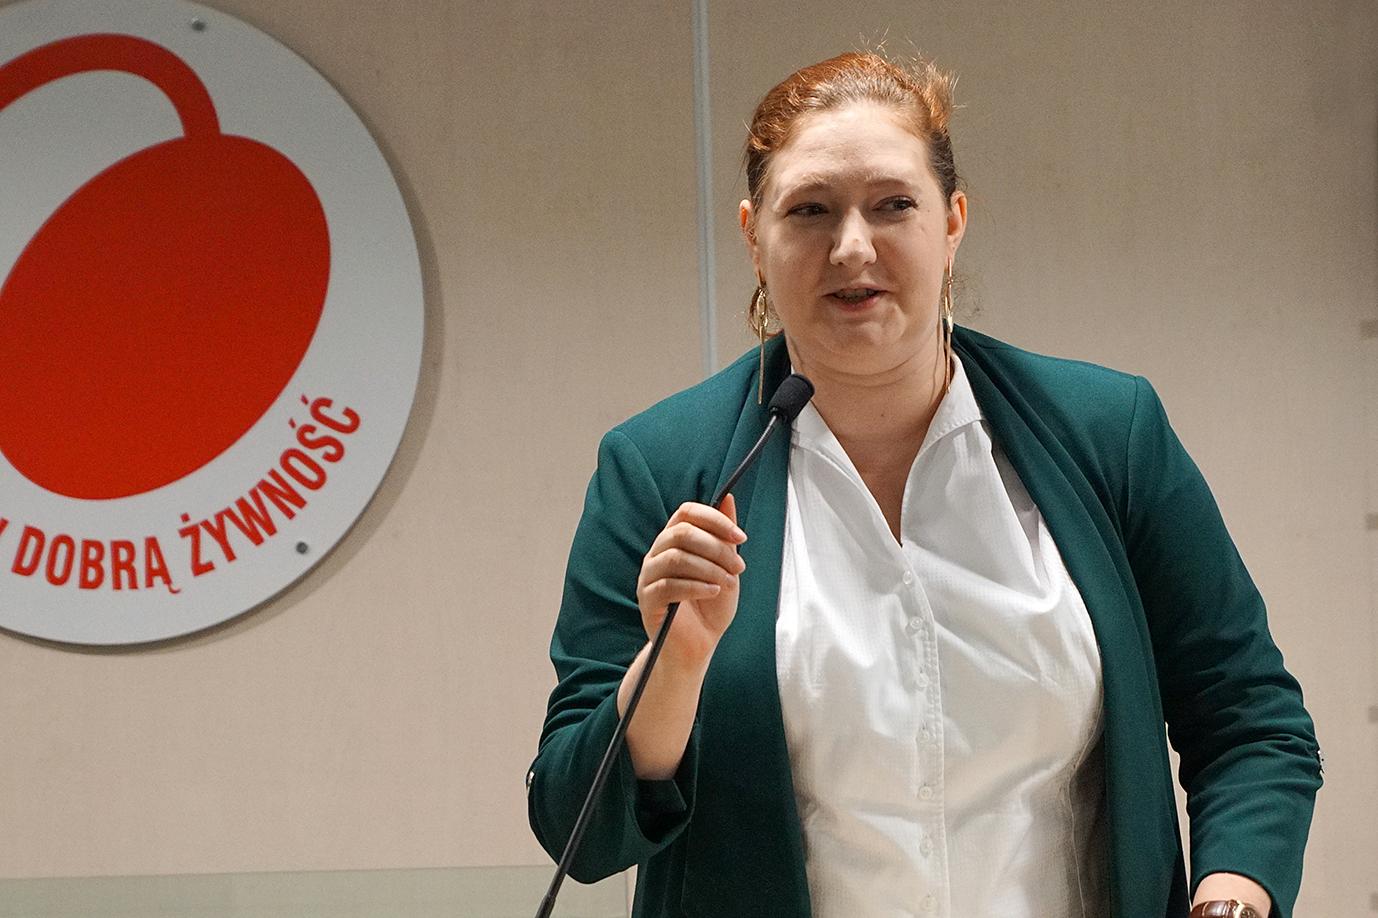 Sekretarz stanu Anna Gembicka podczas wystąpienia (fot. MRiRW)